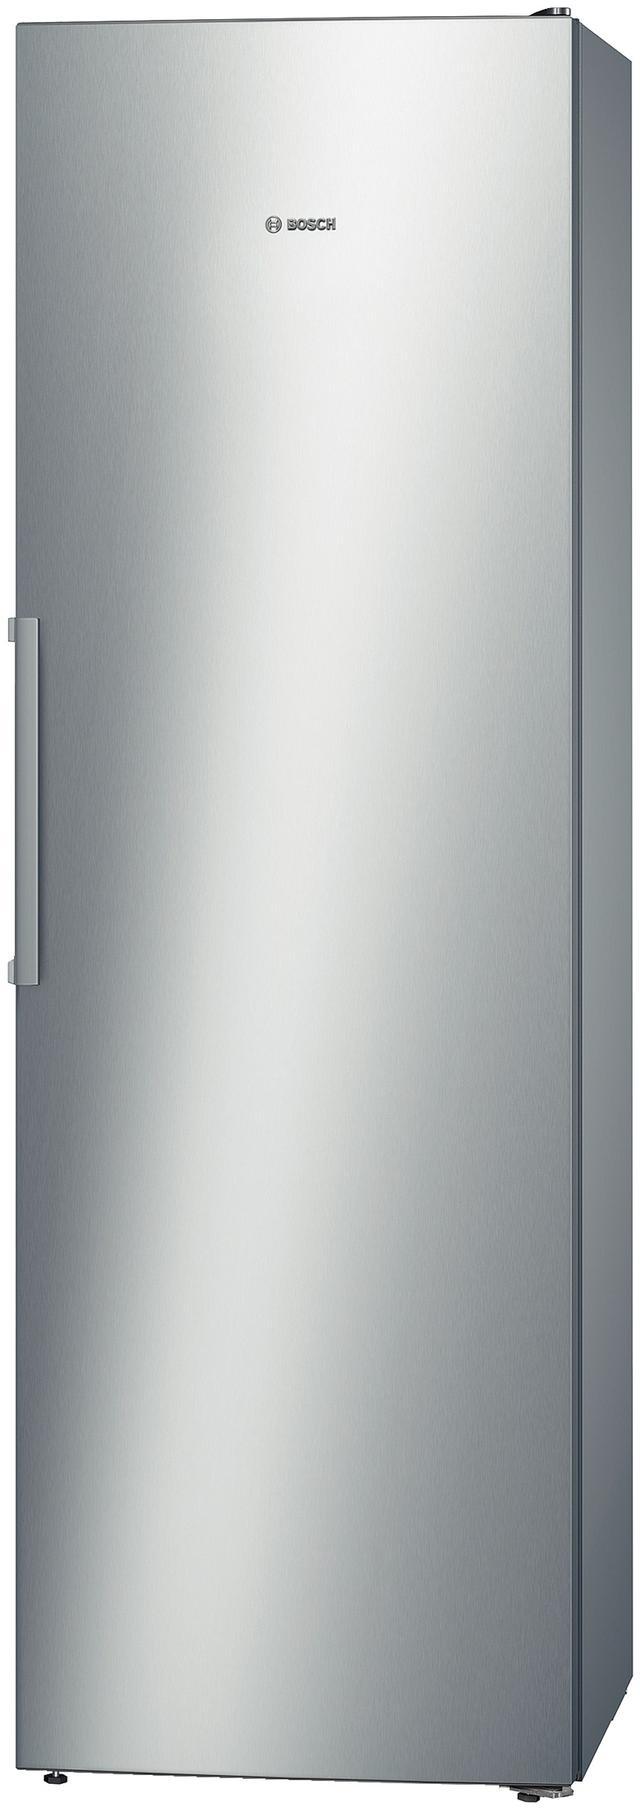 Морозильная камера Bosch GSN36VL30